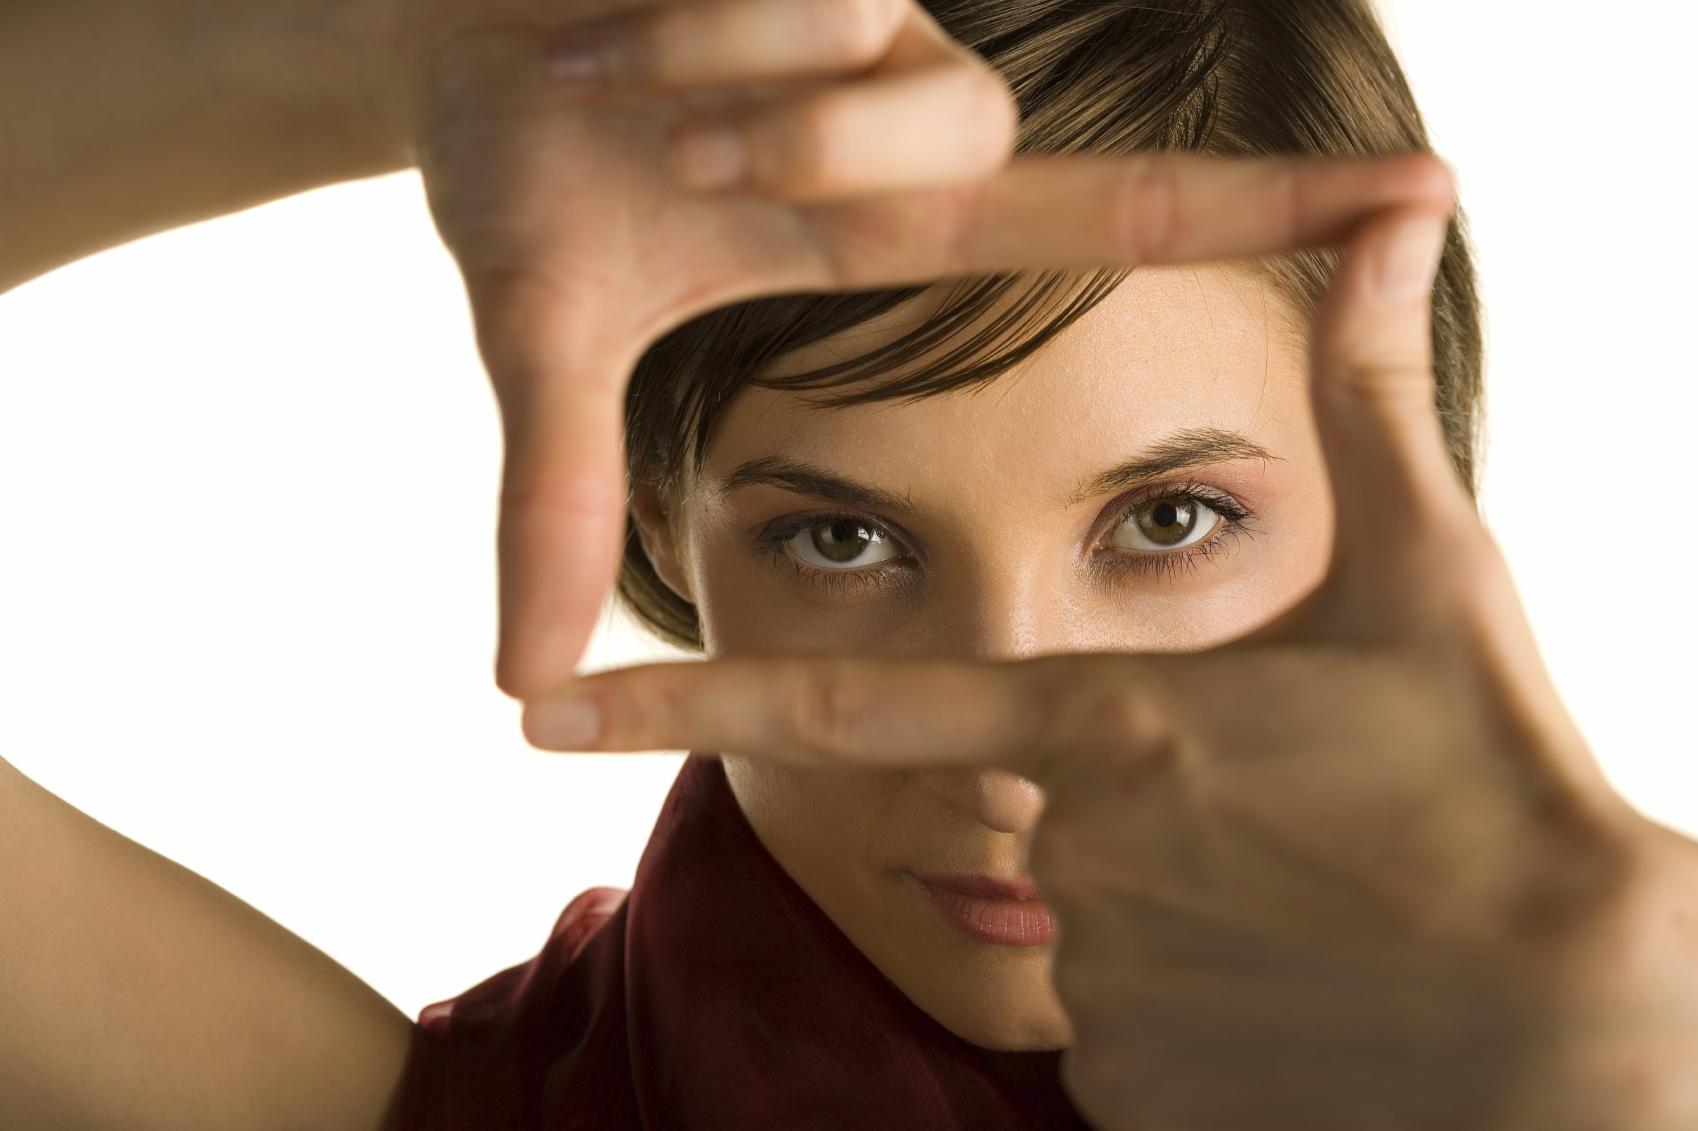 Как улучшить зрение в домашних условиях: средствами 81